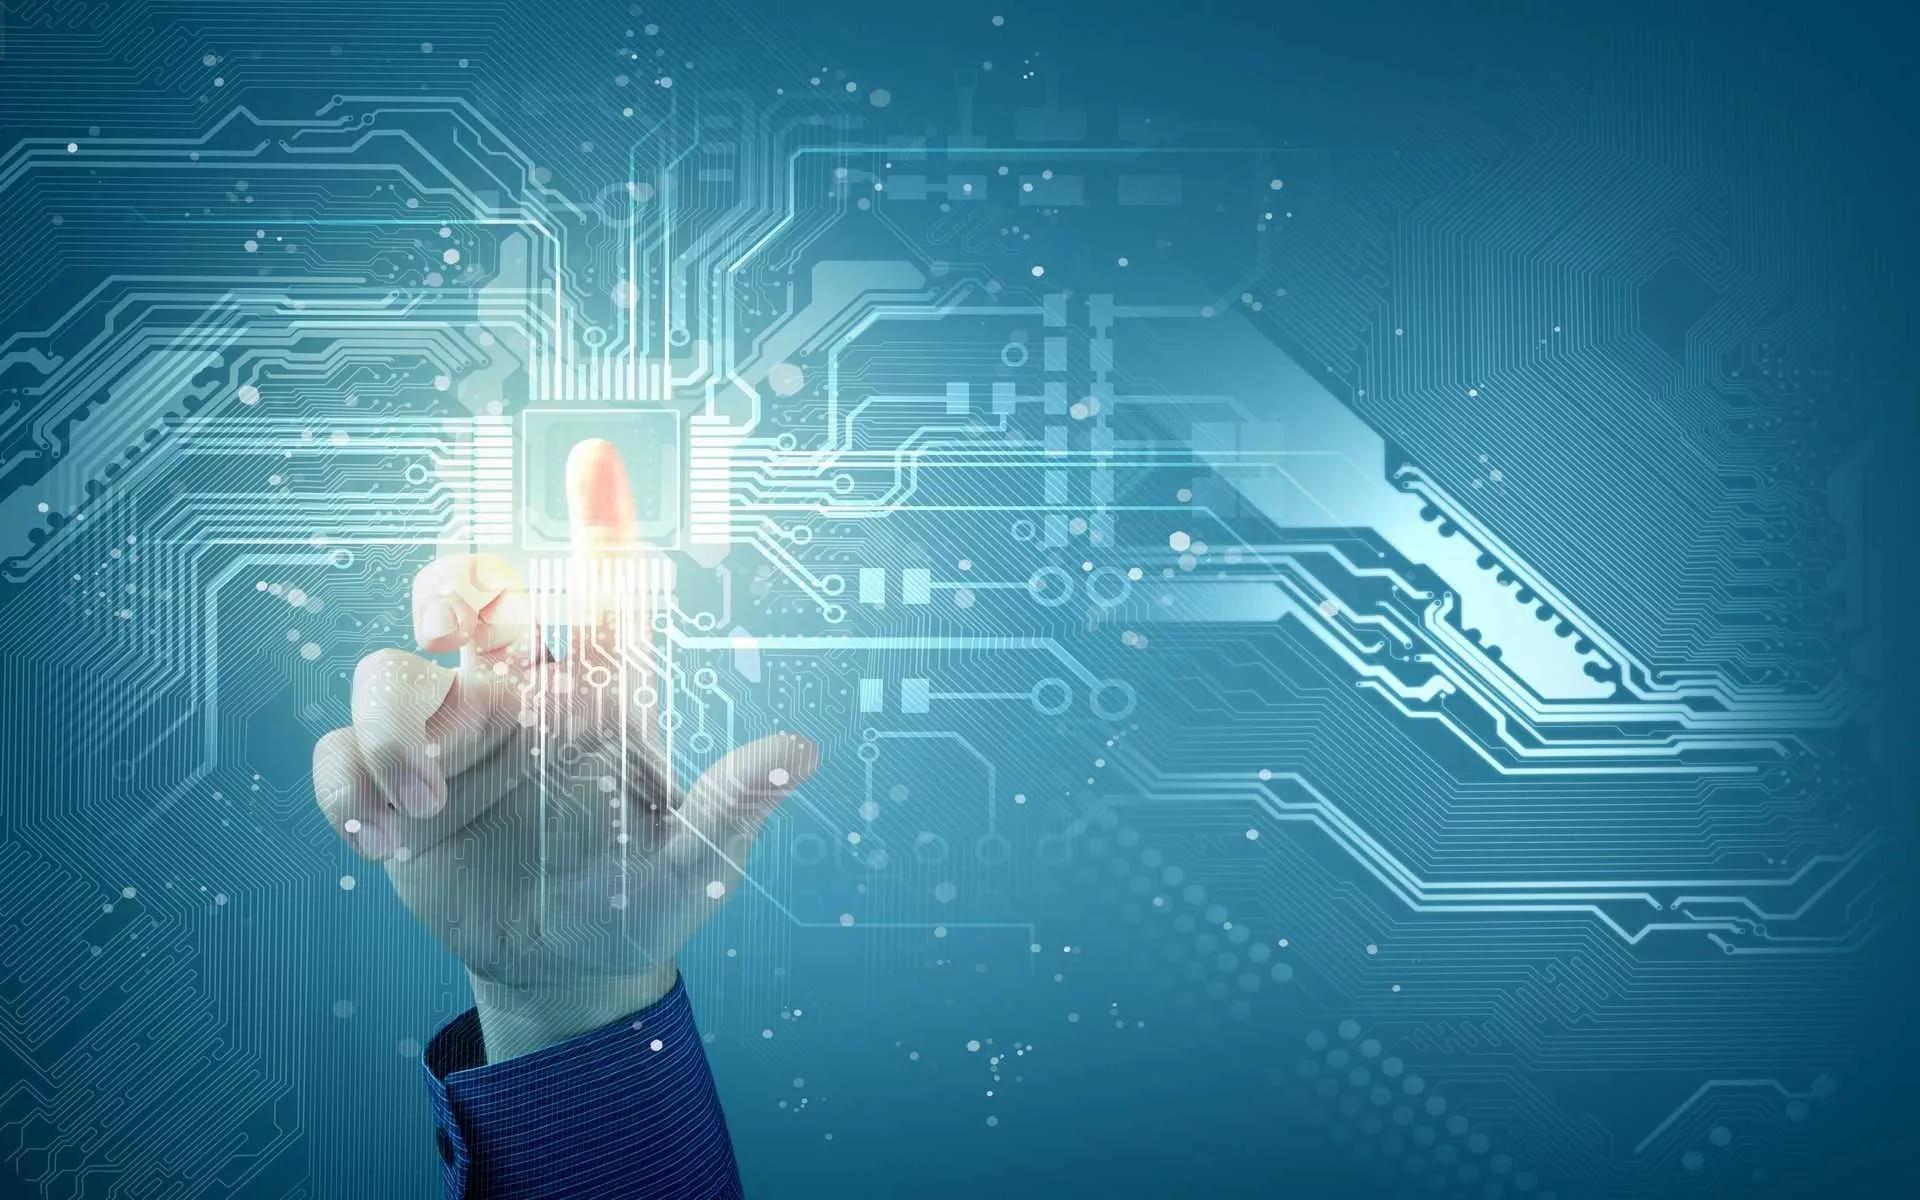 Утверждены 30 наборов цифровых компетенций для выпускников вузов